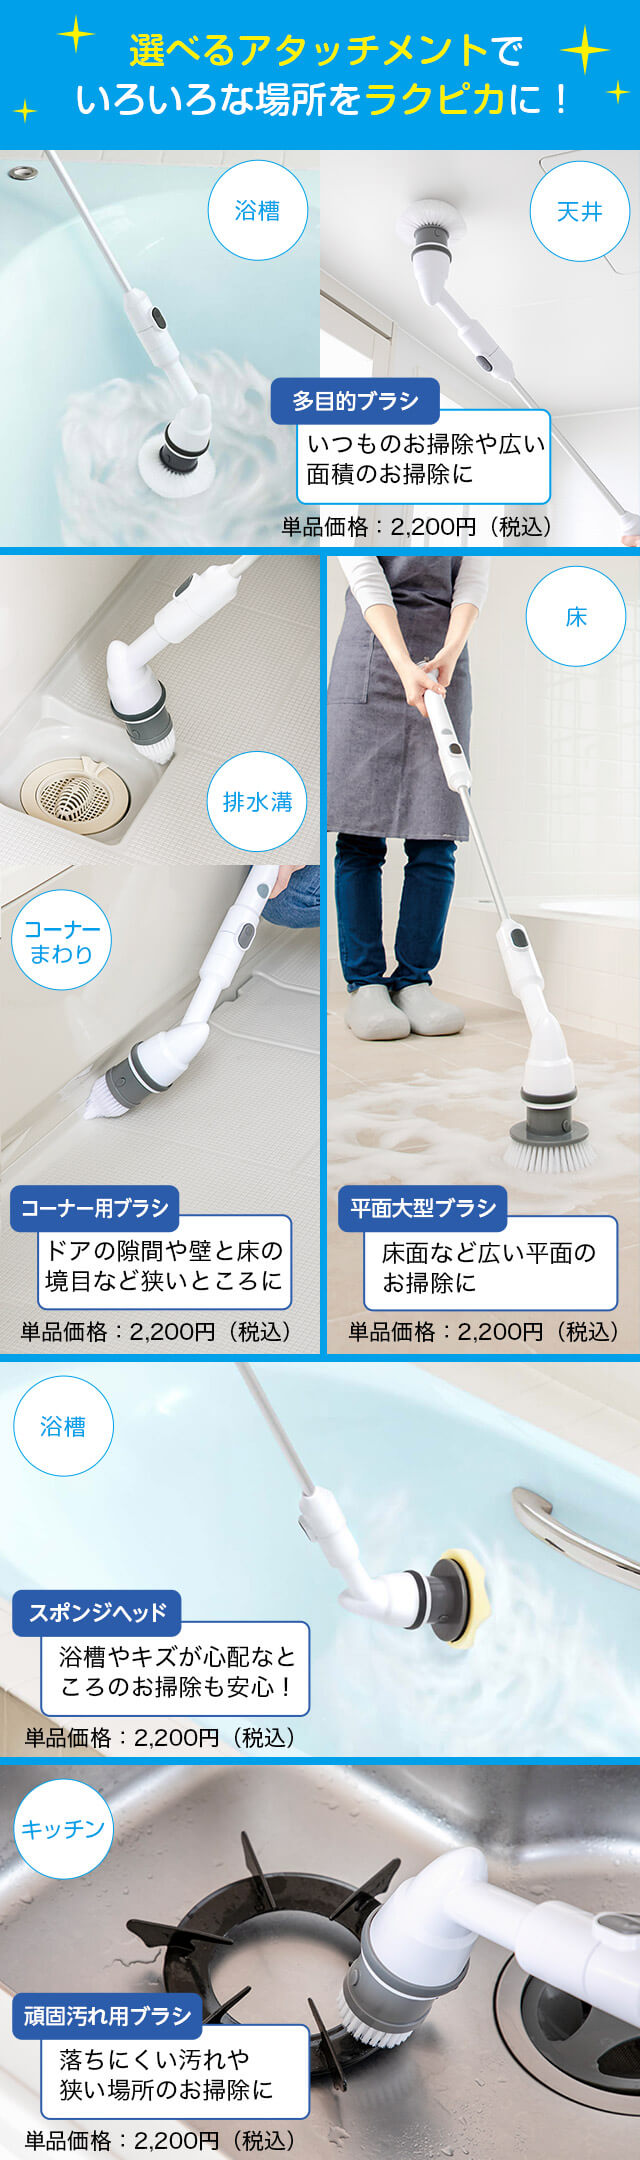 選べるアタッチメントでいろいろな場所をラクピカに! 浴槽 天井 多目的ブラシ いつものお掃除や広い面積のお掃除に 単品価格:2,200円(税込) 排水溝 コーナーまわり コーナー用ブラシ ドアの隙間や壁と床の境目など狭いところに 単品価格:2,200円(税込) 床 平面大型ブラシ 床面など広い平面のお掃除に 単品価格:2,200円(税込) 浴槽 スポンジヘッド 浴槽やキズが心配なところのお掃除も安心! 単品価格:2,200円(税込) キッチン 頑固汚れ用ブラシ 落ちにくい汚れや狭い場所のお掃除に 単品価格:2,200円(税込)